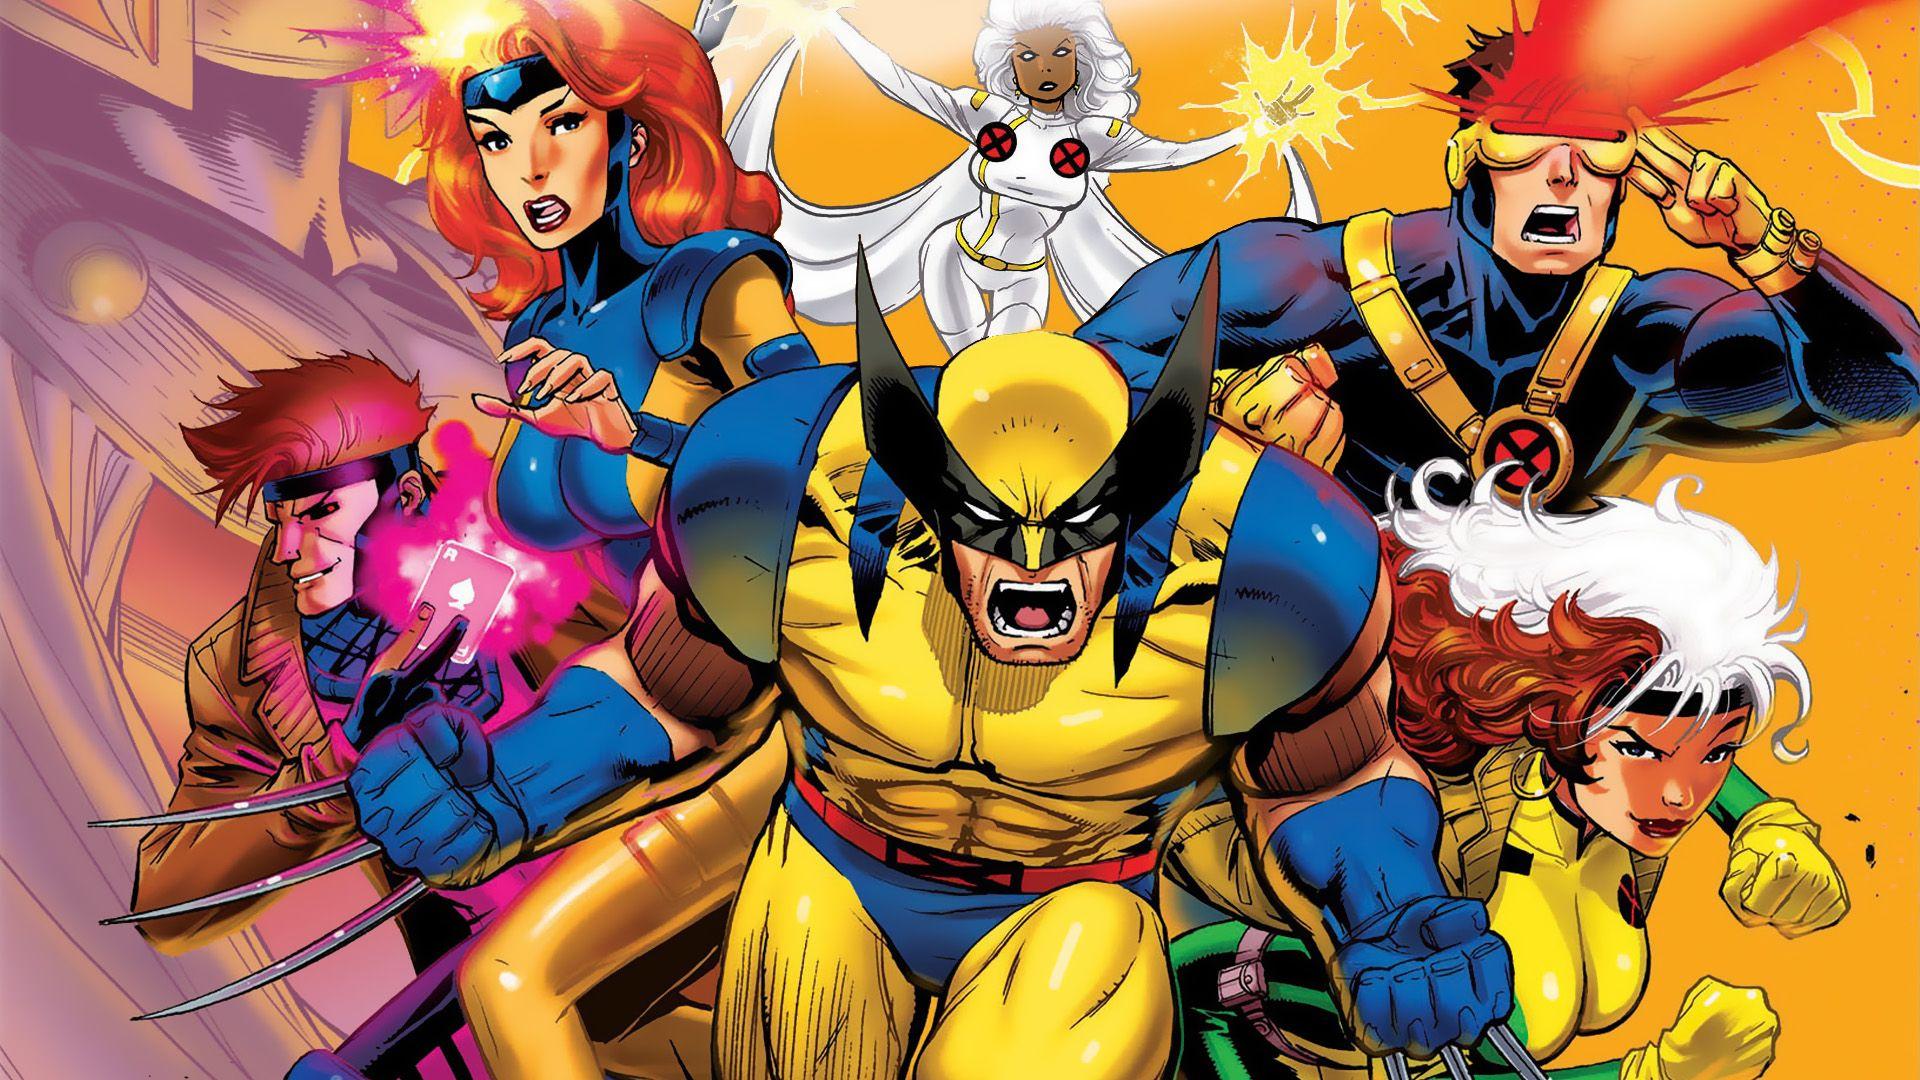 X Men Wallpaper #l7k | Marvel animation, Marvel cartoons, X men ...